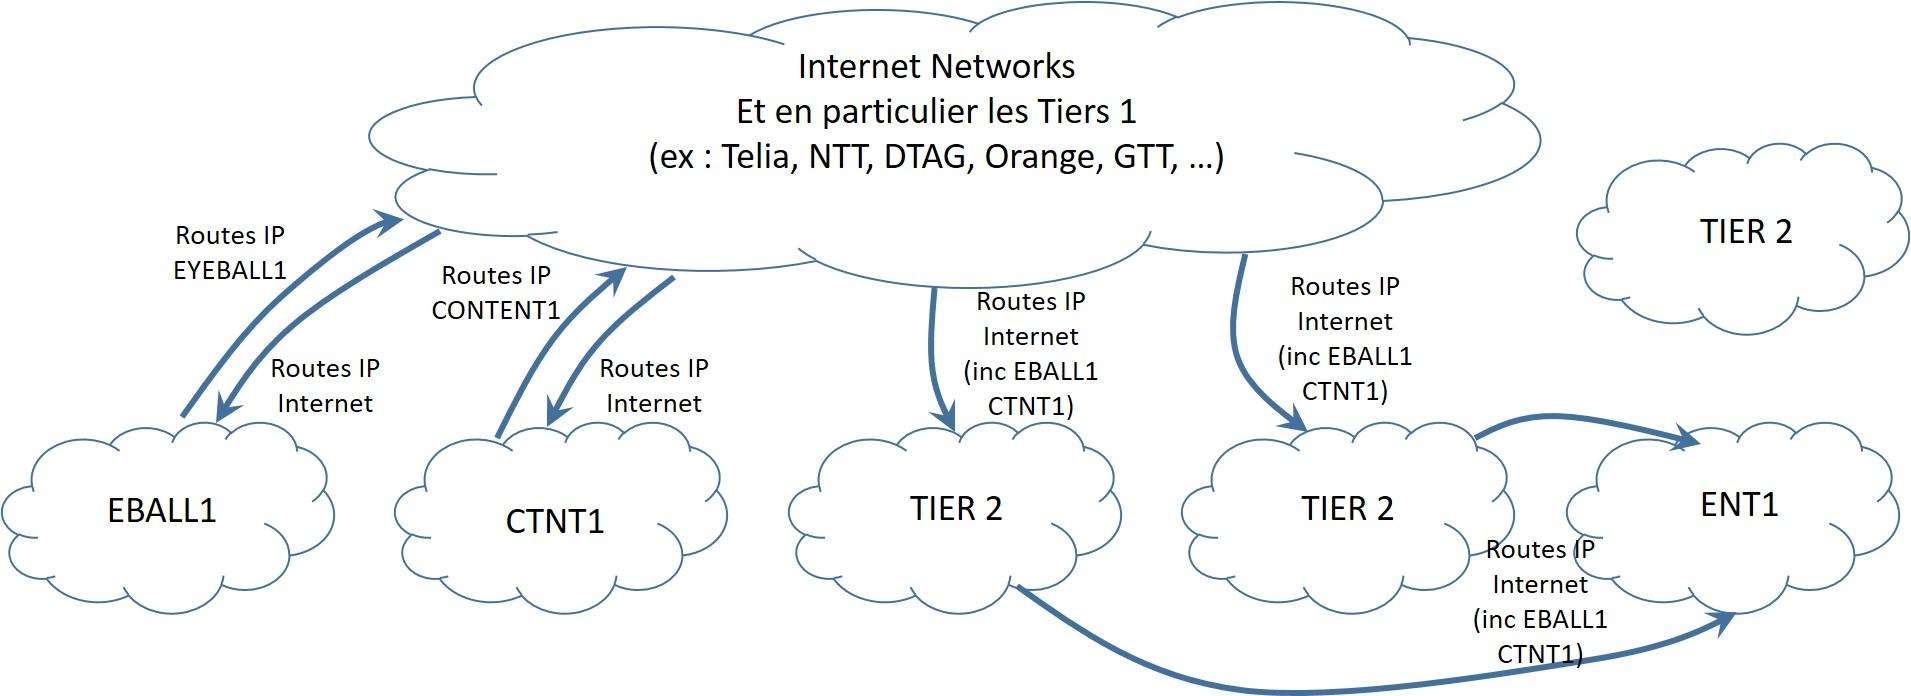 Relations entre les réseaux AS - peering et transit IP